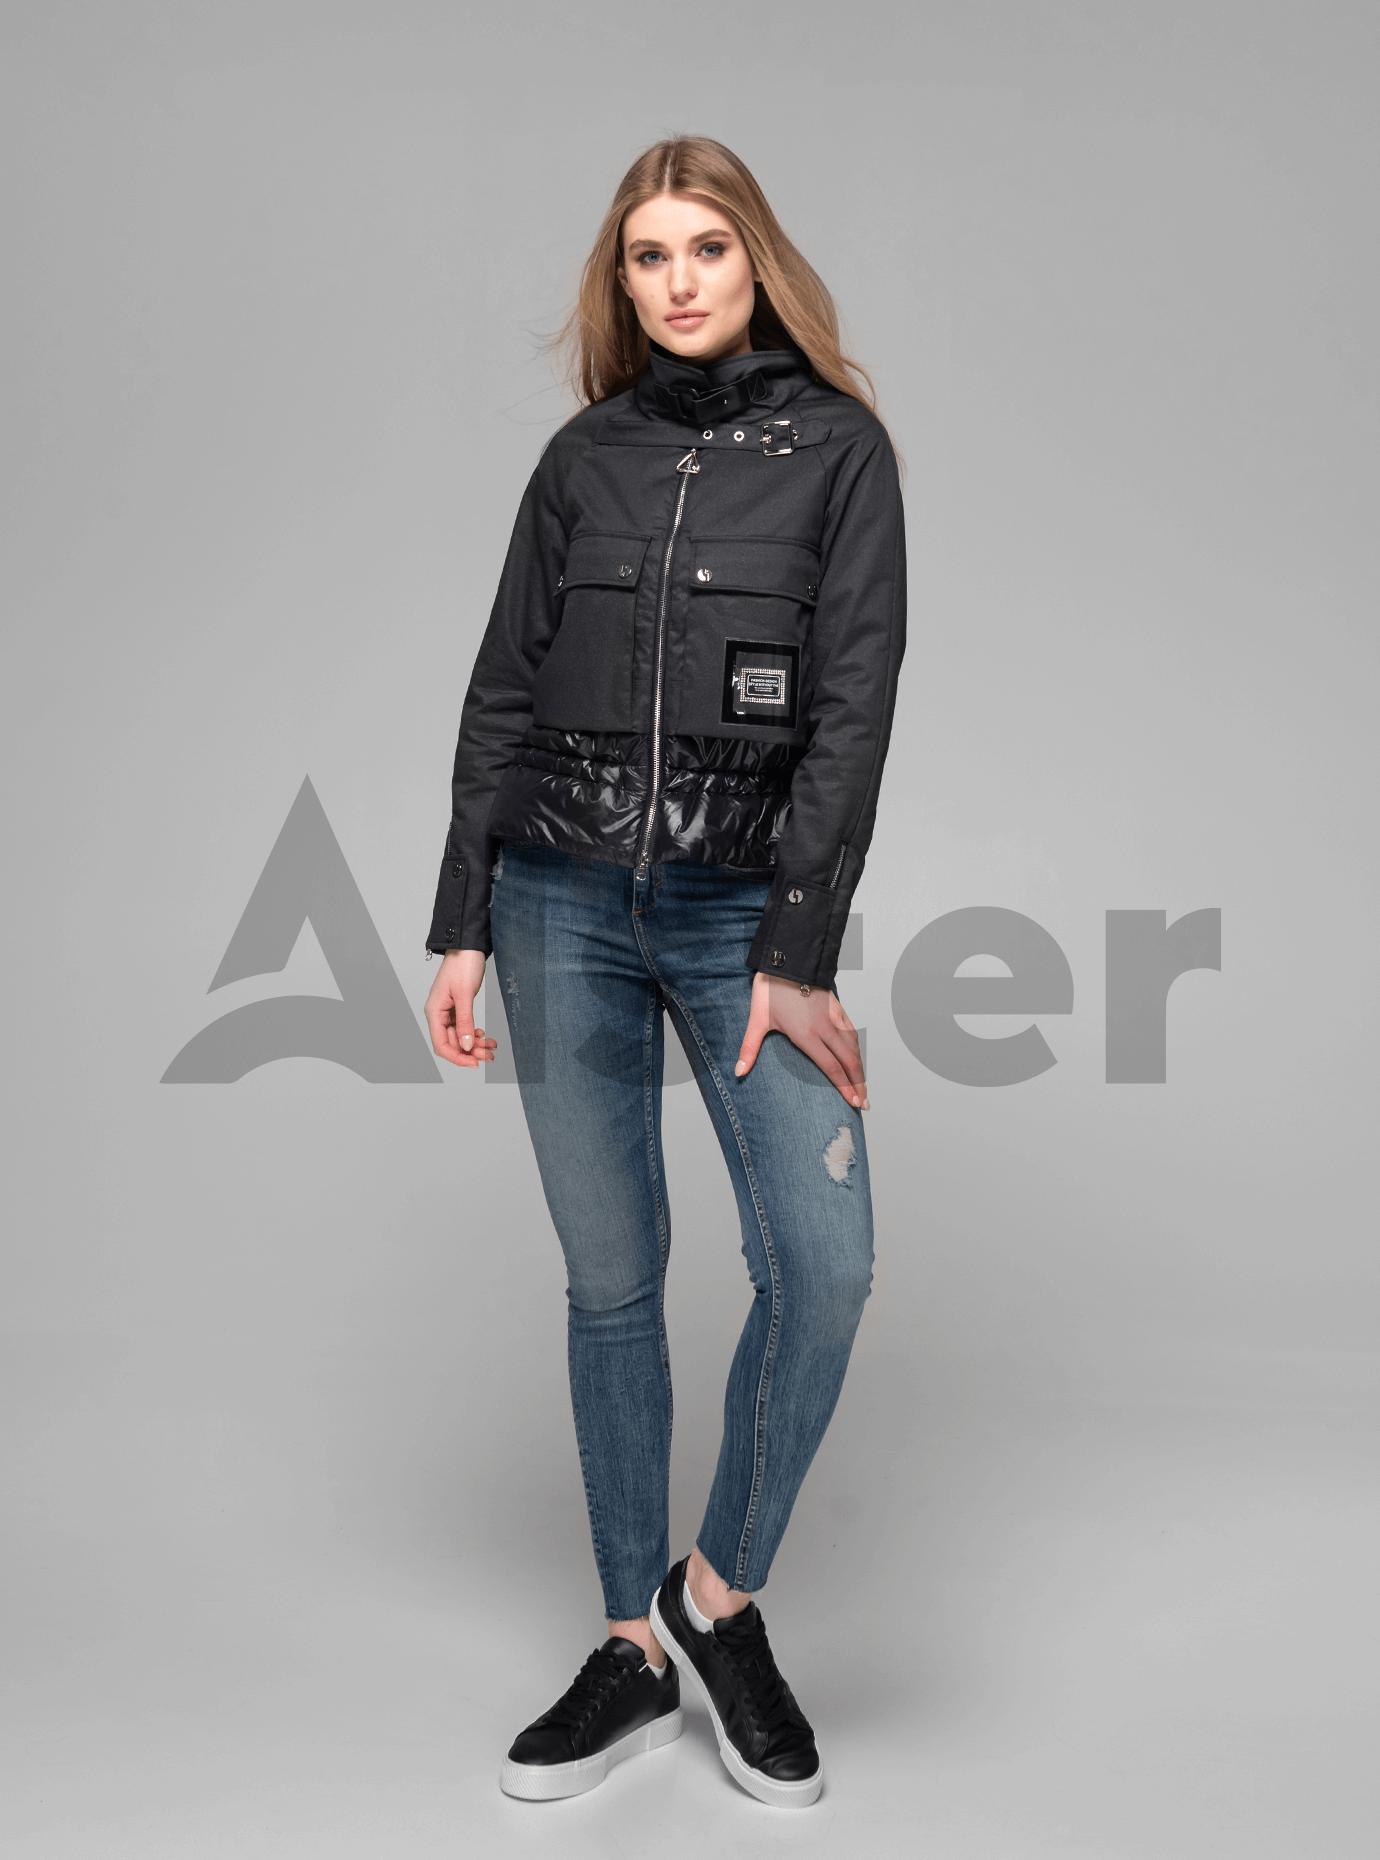 Куртка женская короткая с ремешком Чёрный L (02-V191004): фото - Alster.ua